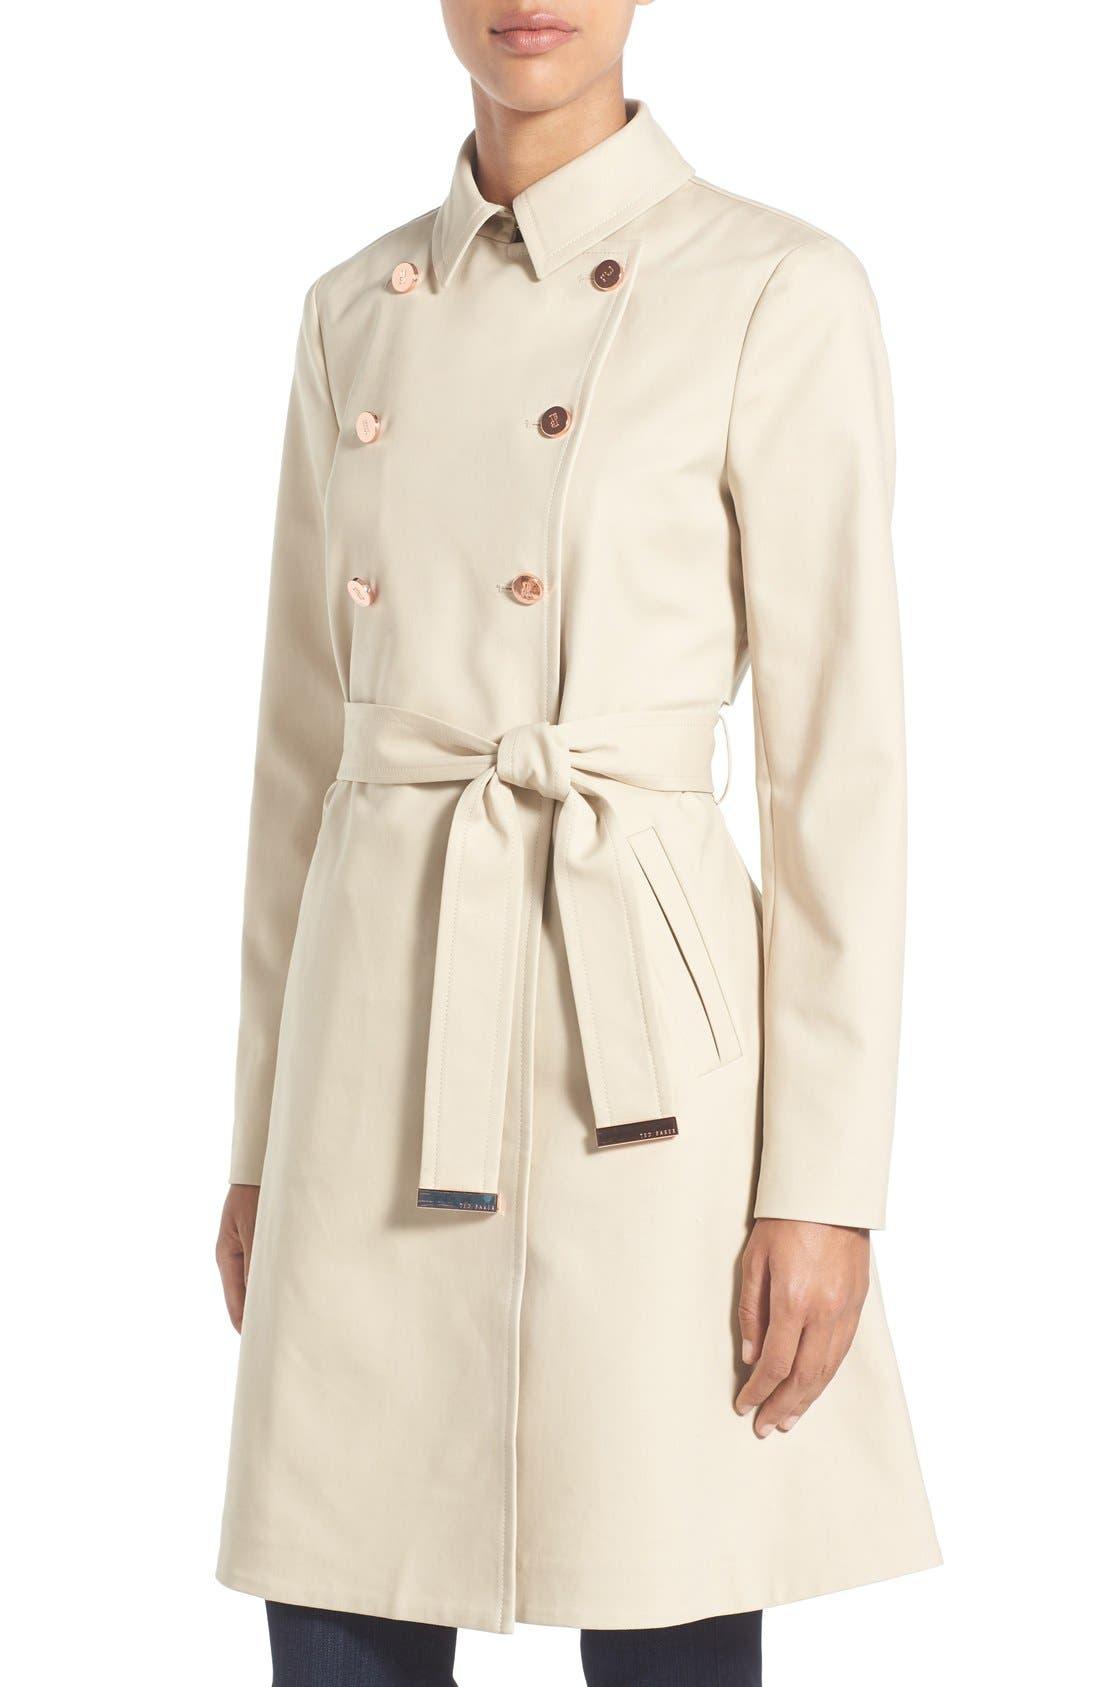 TED BAKER LONDON,                             Flared Skirt Trench Coat,                             Alternate thumbnail 4, color,                             253